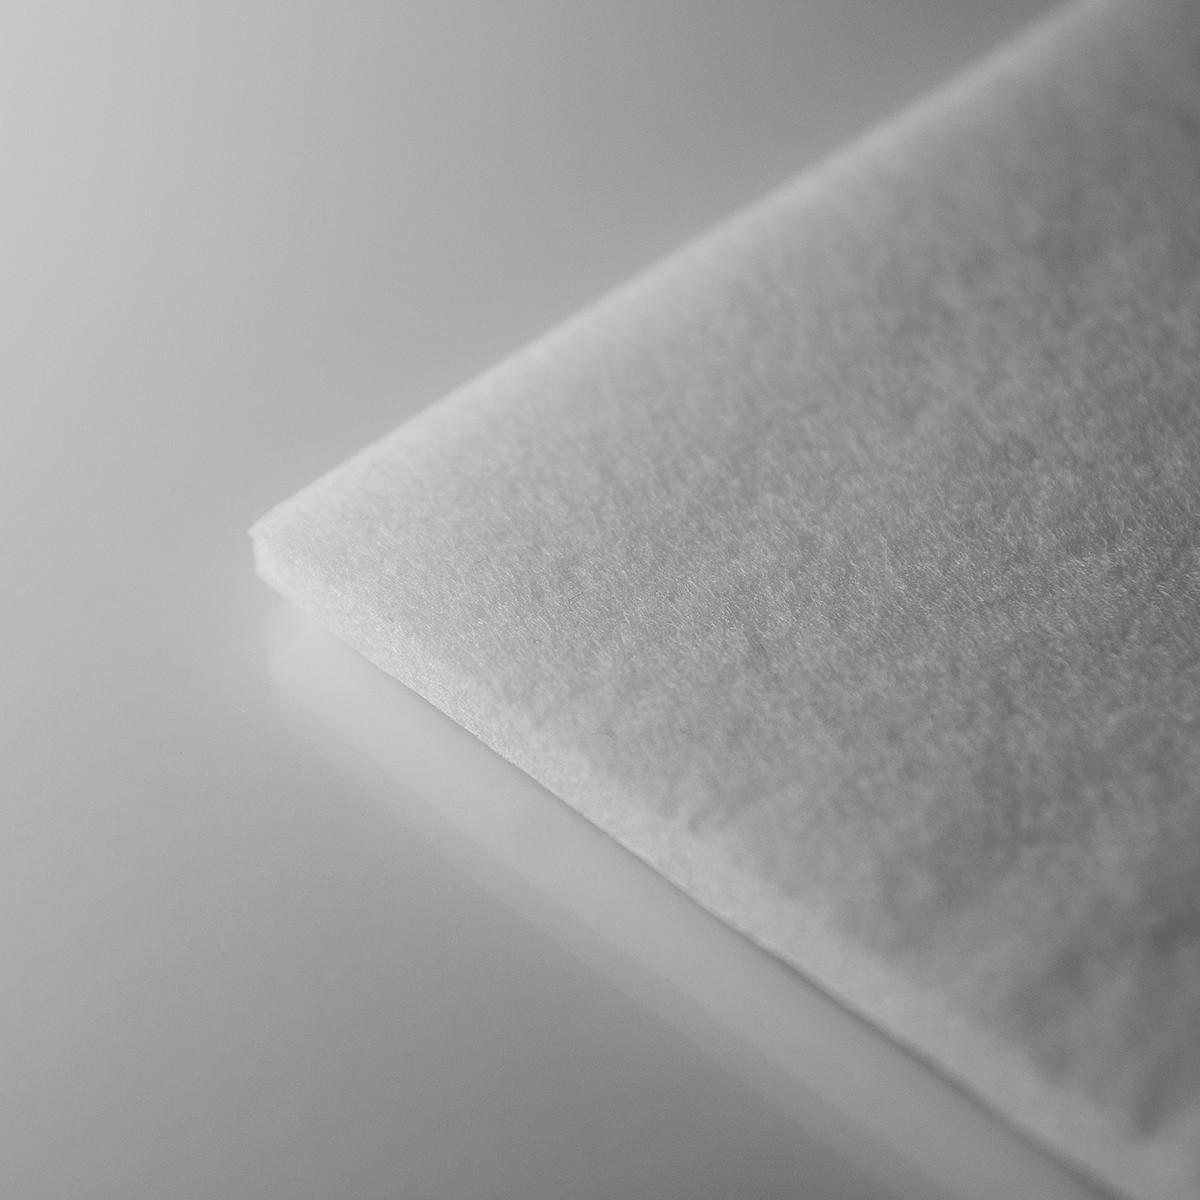 Superabsorbent Fabrics/SAF™ superabsorbent Airlaid Fabric 2715 2sqm